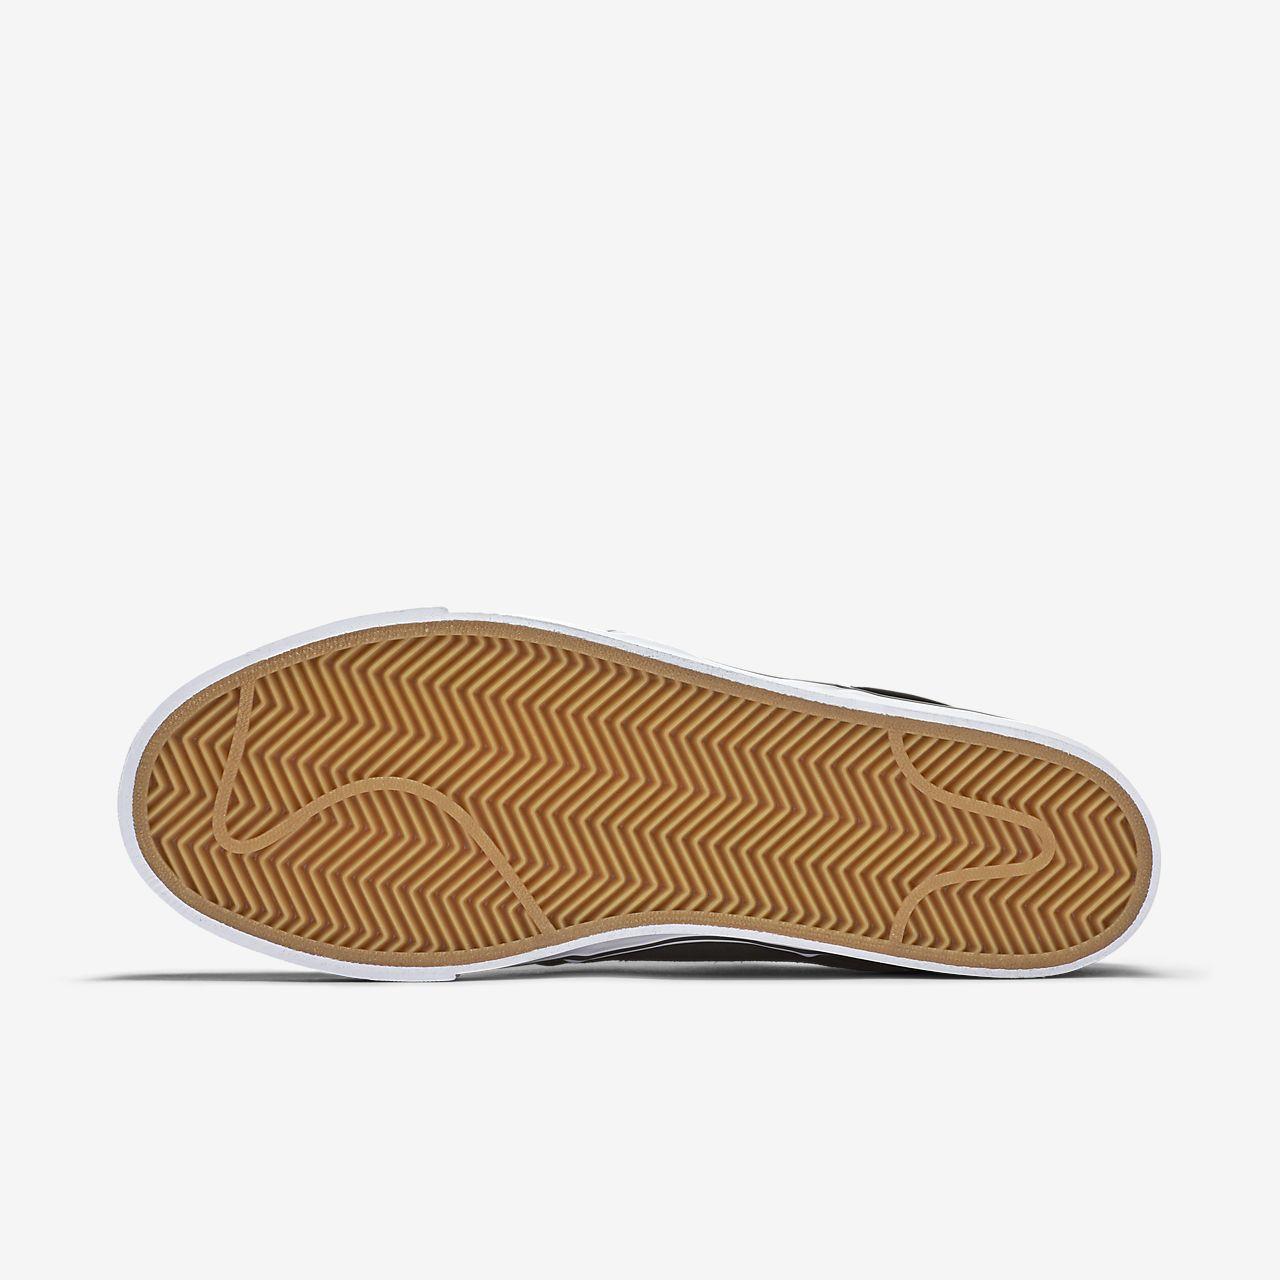 słodkie tanie kup najlepiej największa zniżka Męskie buty do skateboardingu Nike SB Zoom Stefan Janoski OG